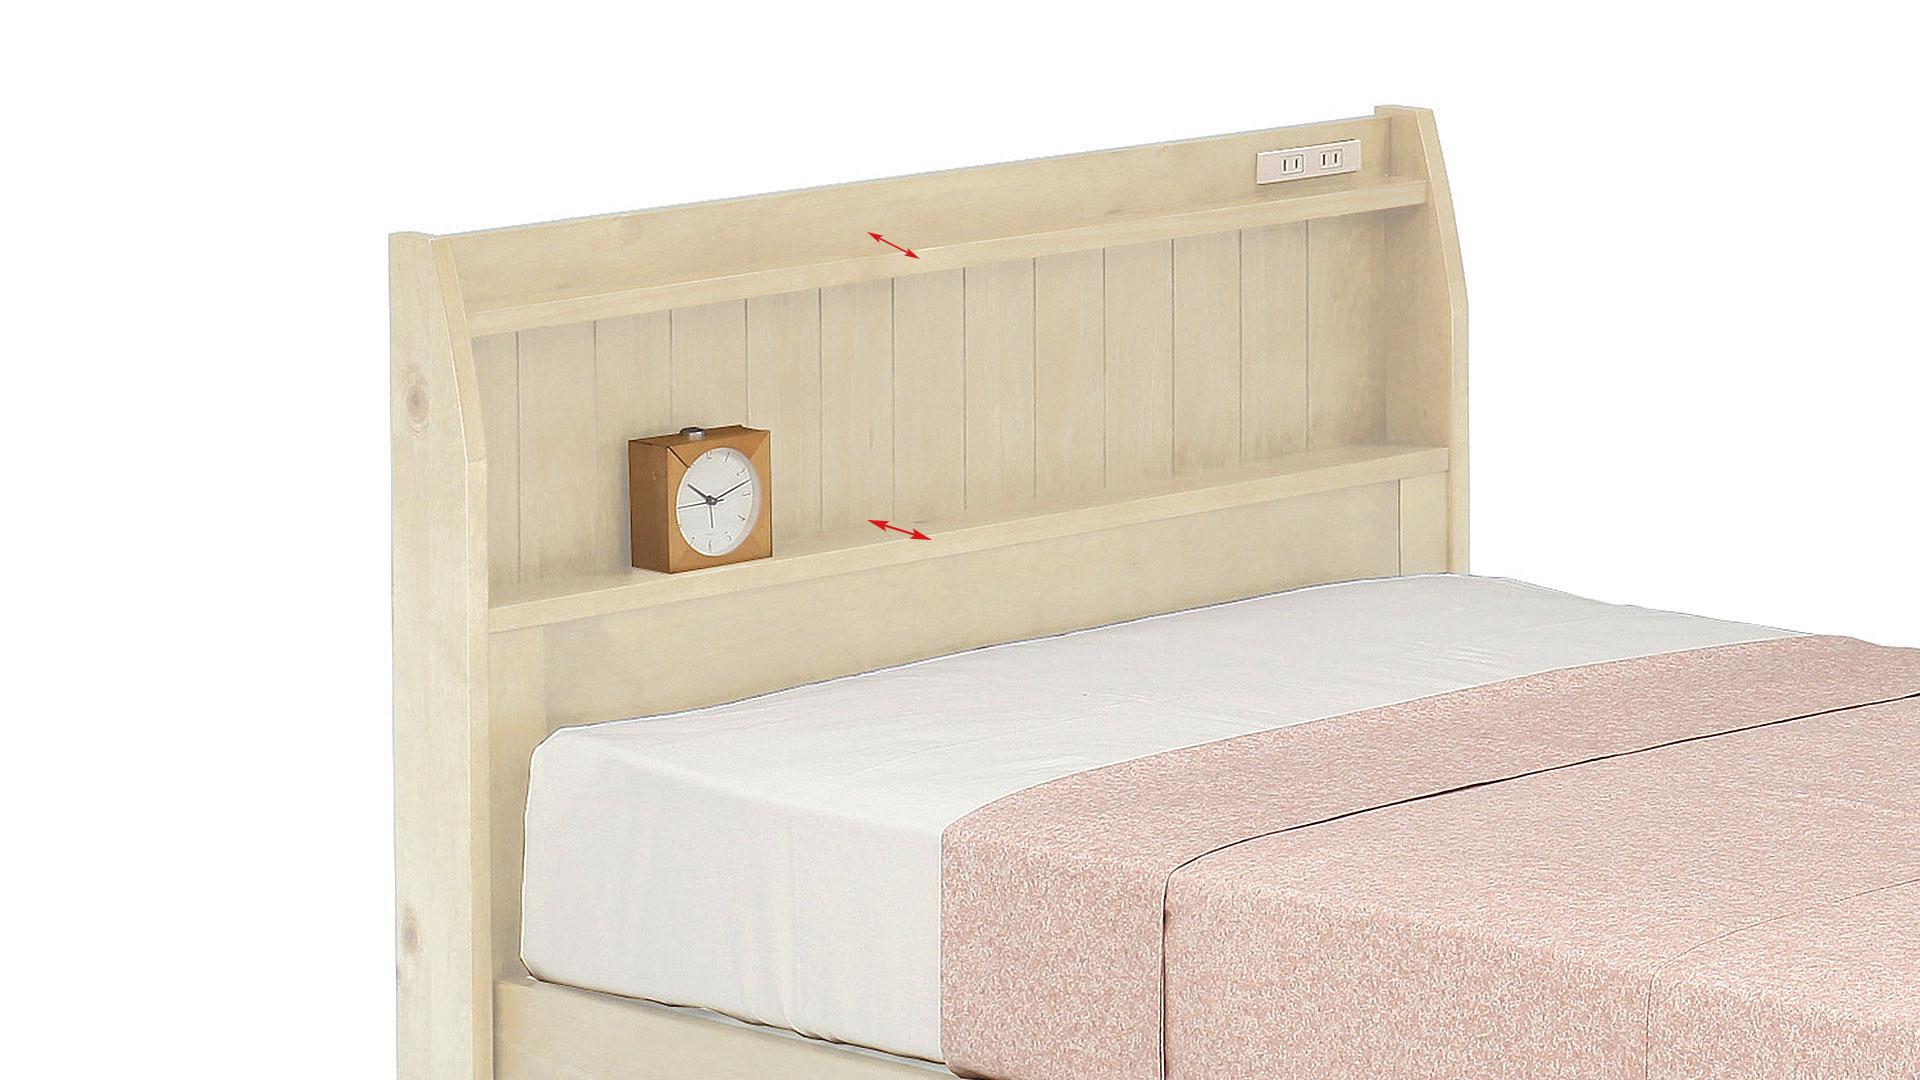 リビンズのベッドフレーム「ブリエ」のヘッドボードの画像